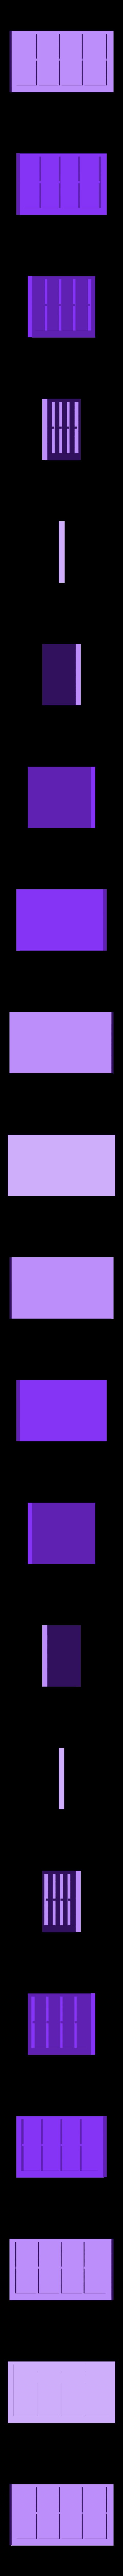 window_blank2.stl Télécharger fichier STL gratuit Ripper's London - The (Modular) Factory • Modèle pour imprimante 3D, Earsling